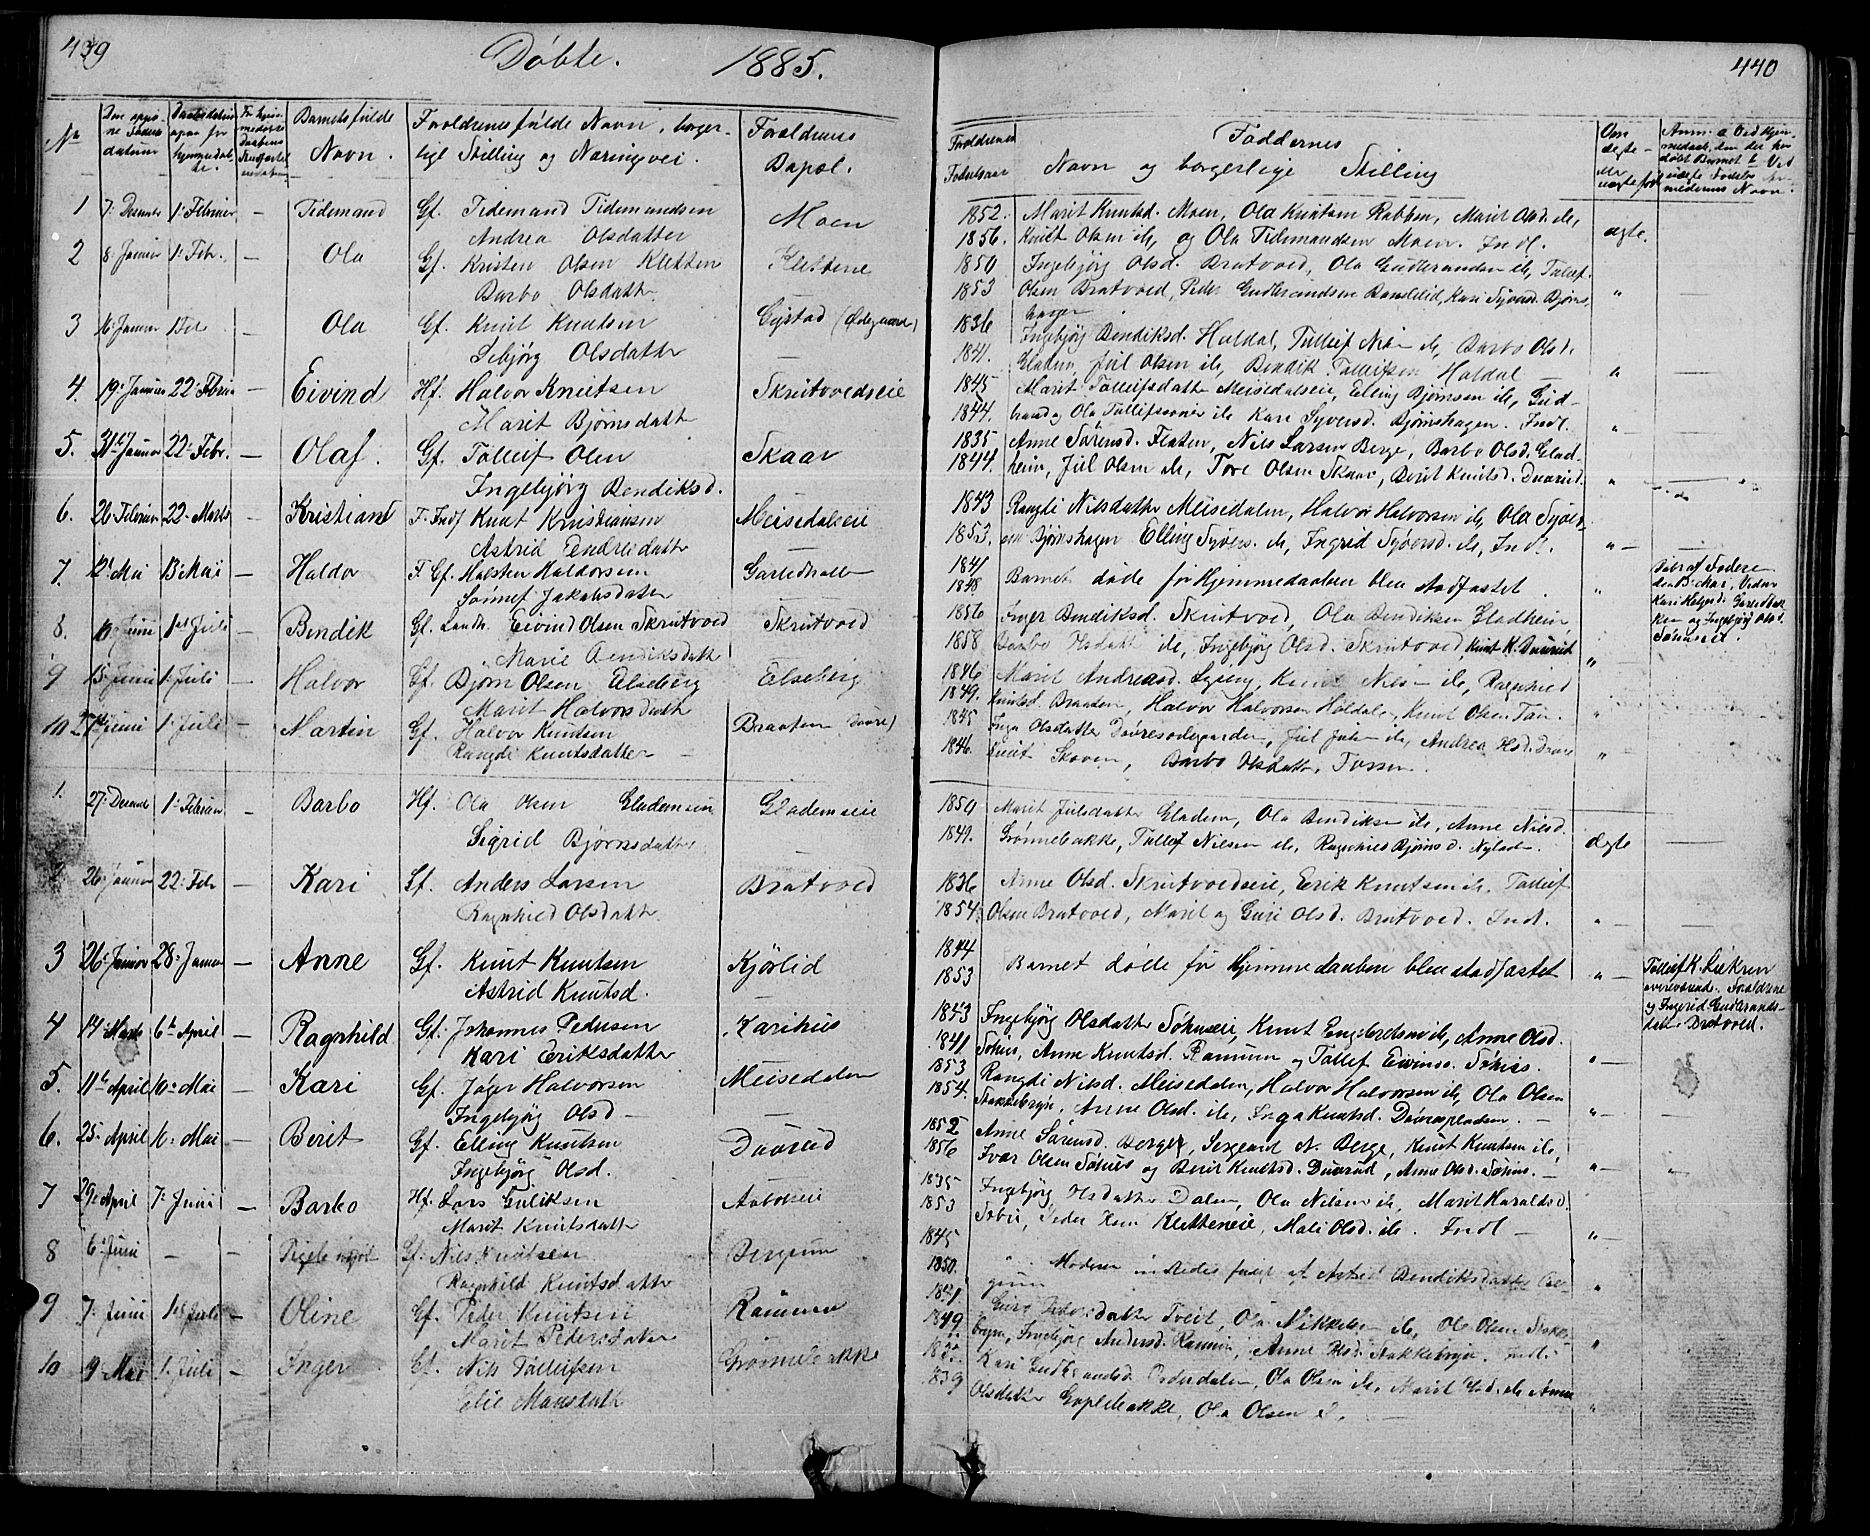 SAH, Nord-Aurdal prestekontor, Klokkerbok nr. 1, 1834-1887, s. 439-440